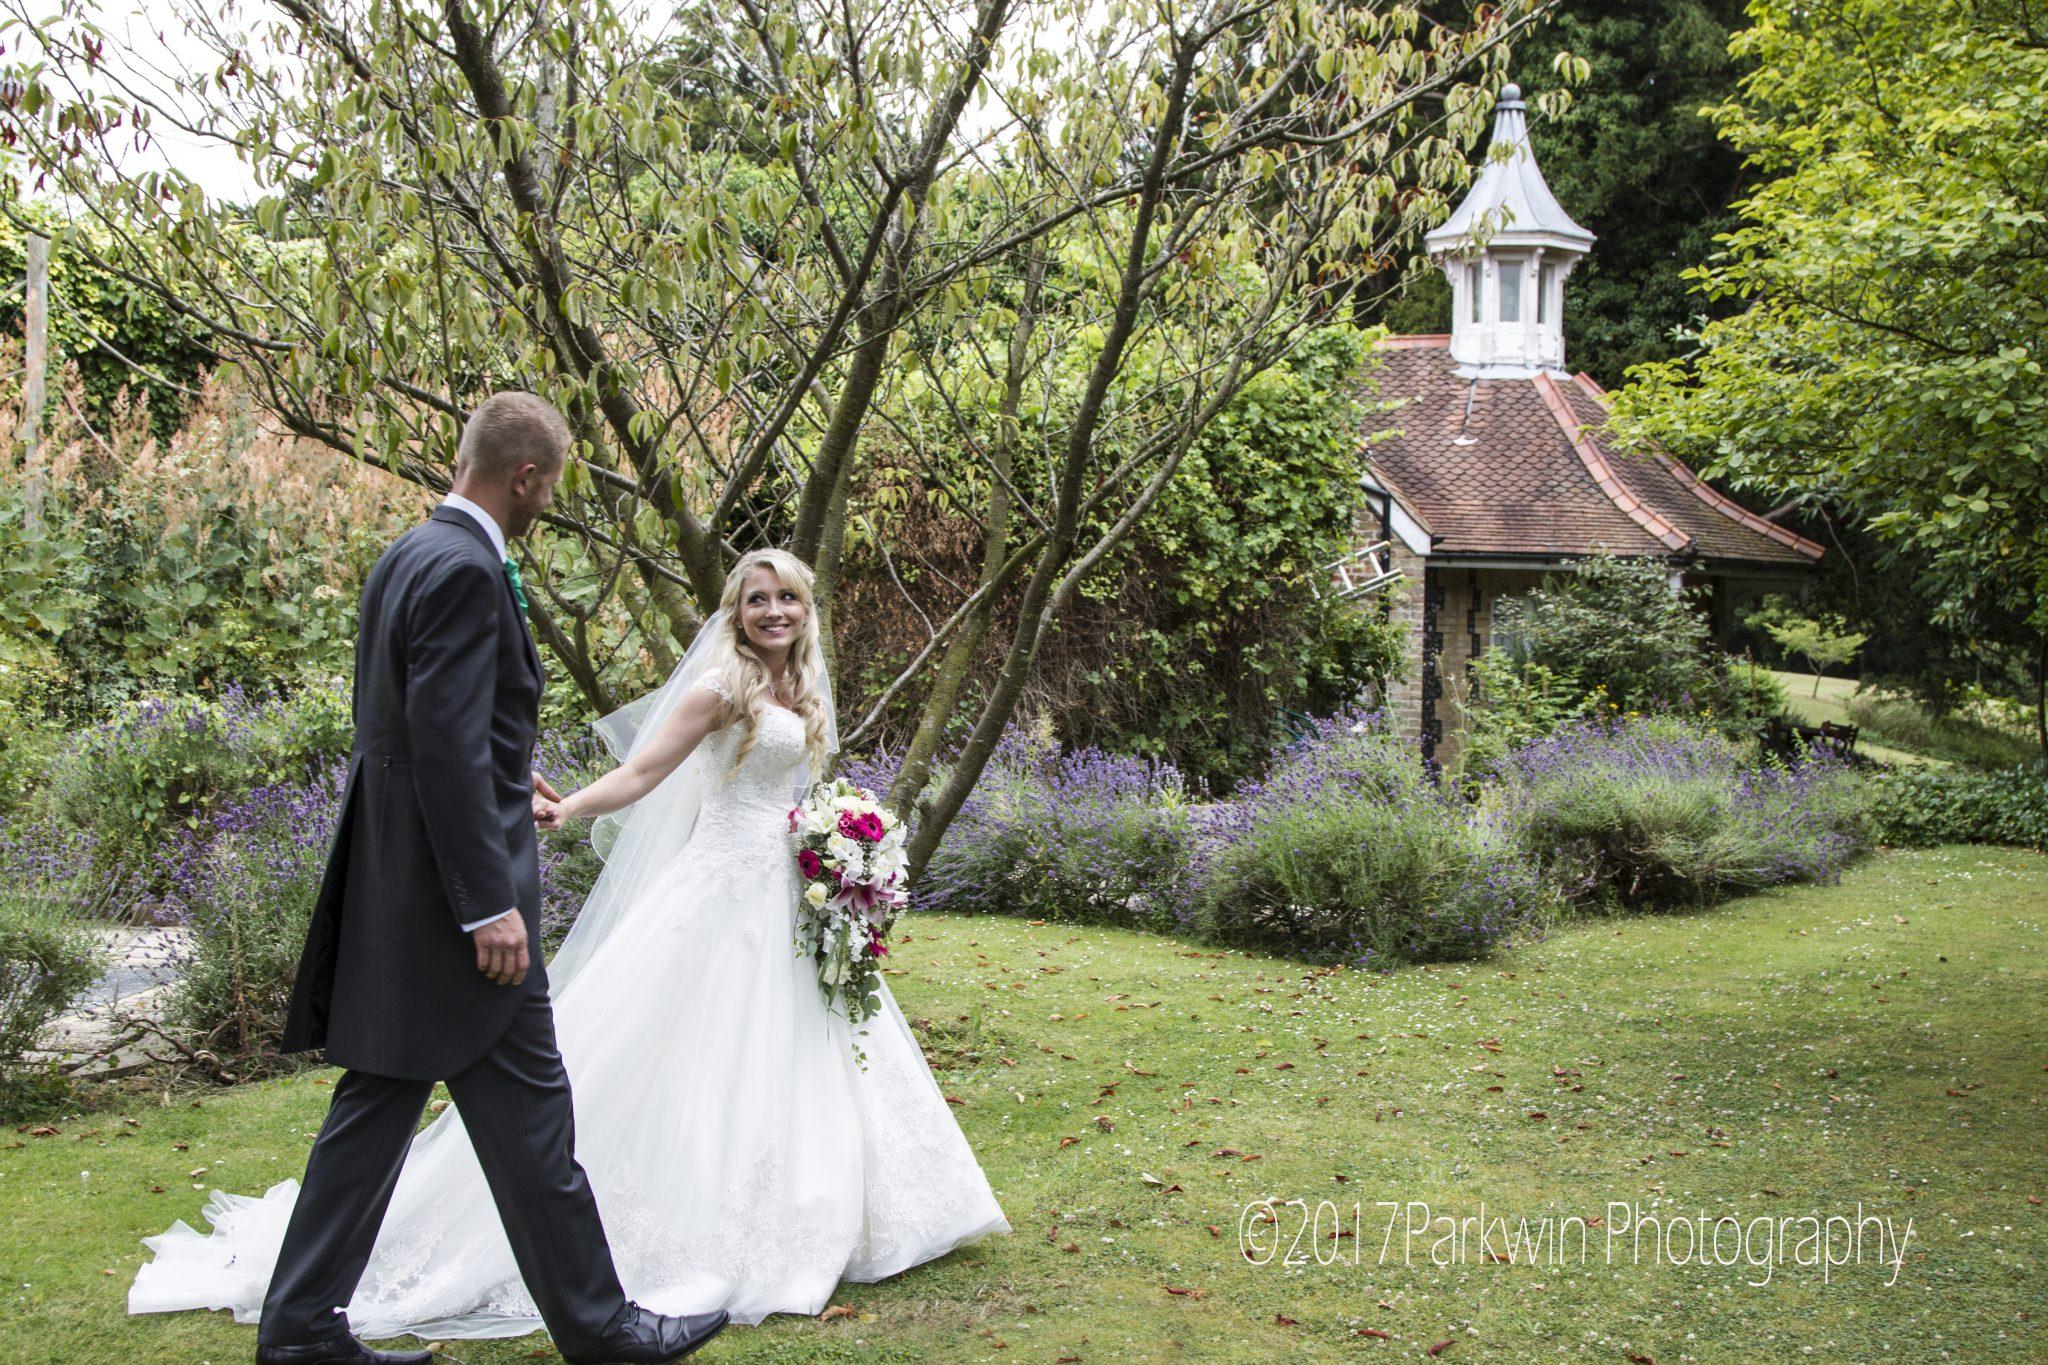 Bride and groom in Lavender Garden at Hunton Park